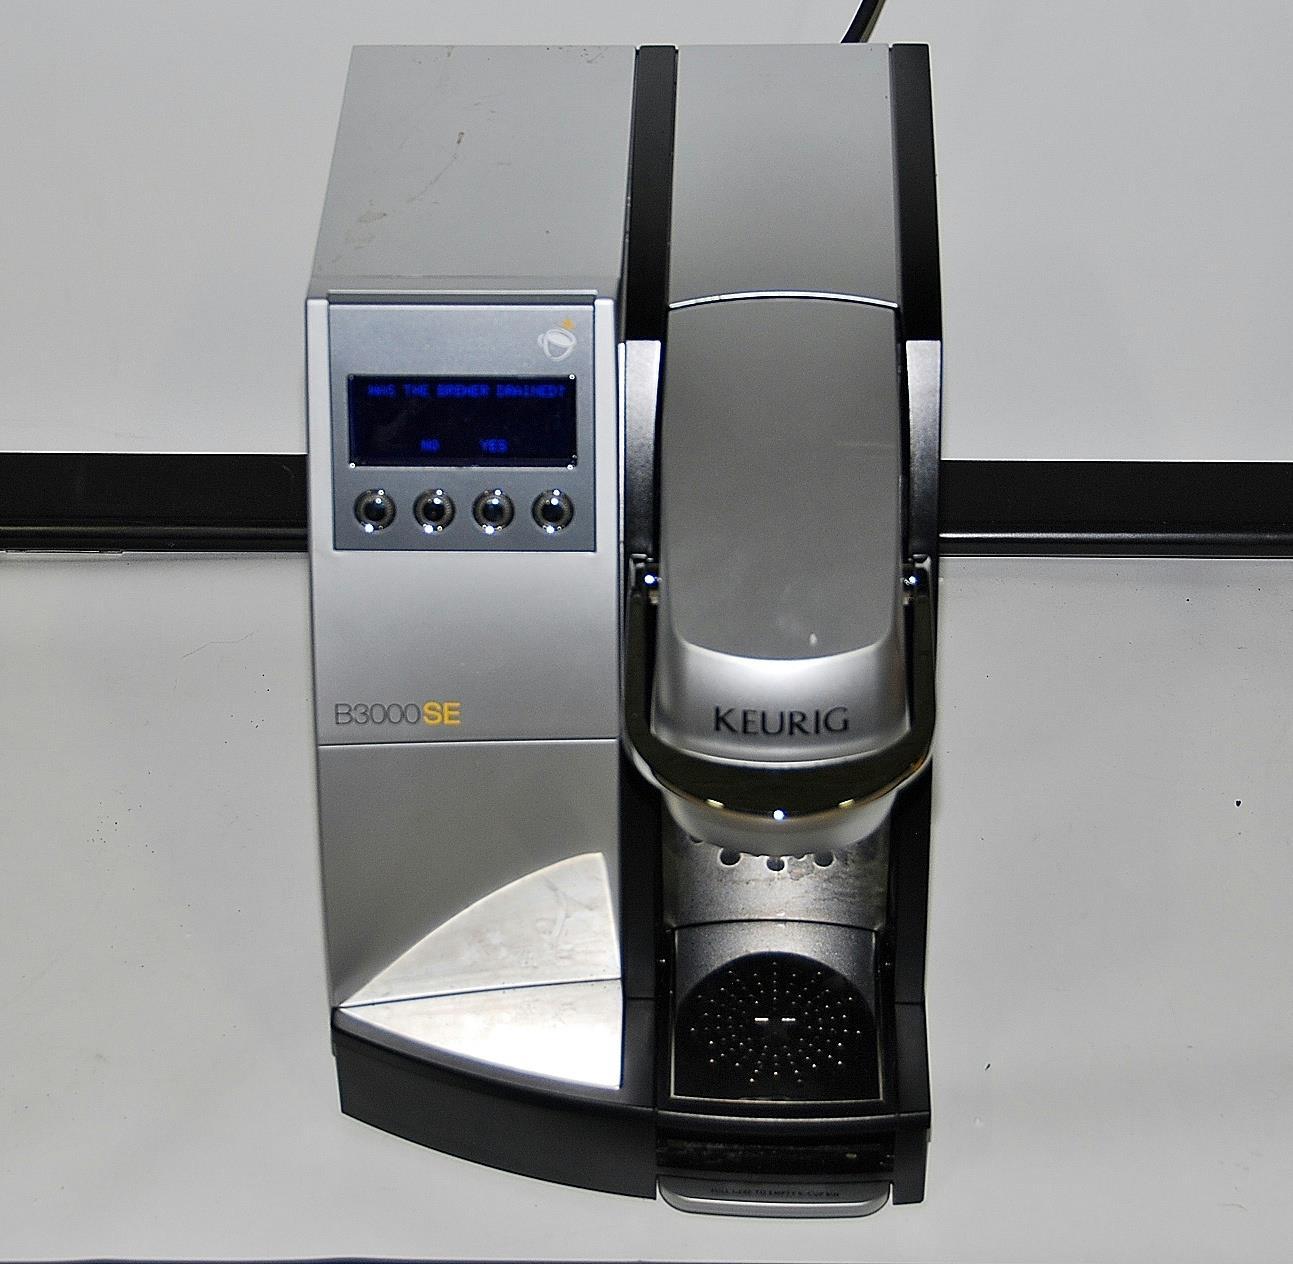 keurig b3000se commercial single serve coffee maker read listing 800121605 ebay. Black Bedroom Furniture Sets. Home Design Ideas